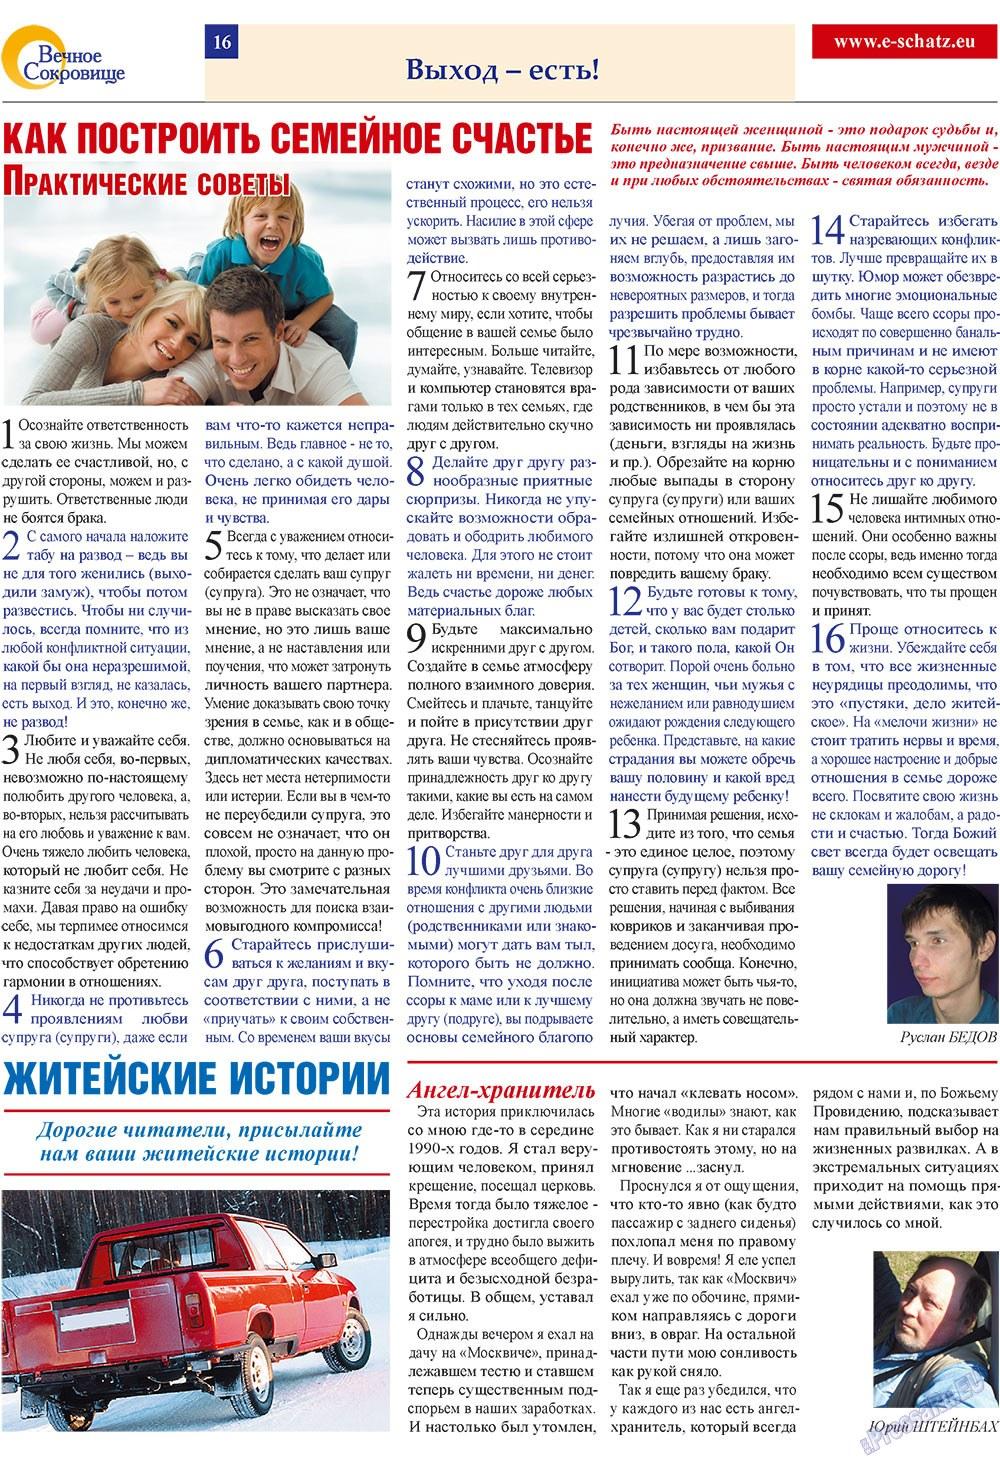 Вечное сокровище (газета). 2009 год, номер 2, стр. 16